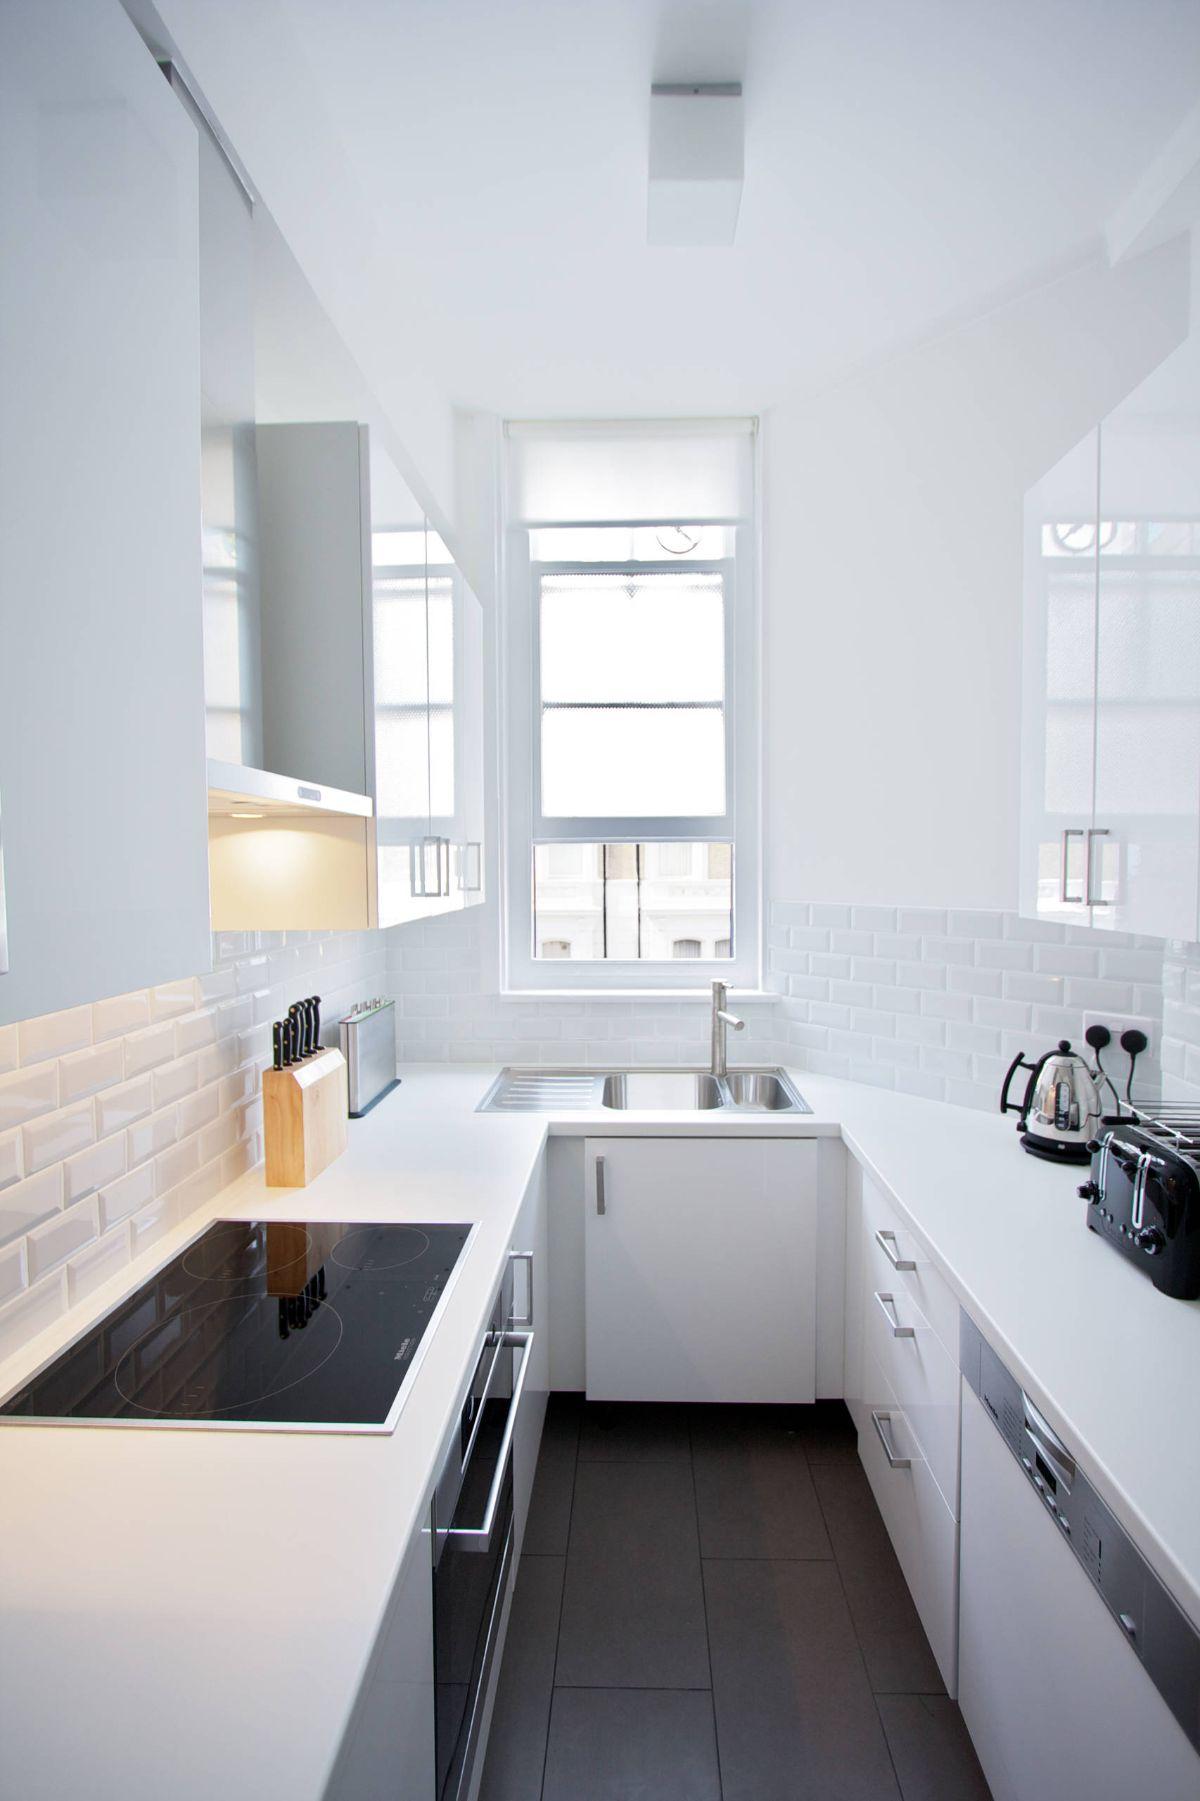 интересный дизайн узкой кухни в белом цвете